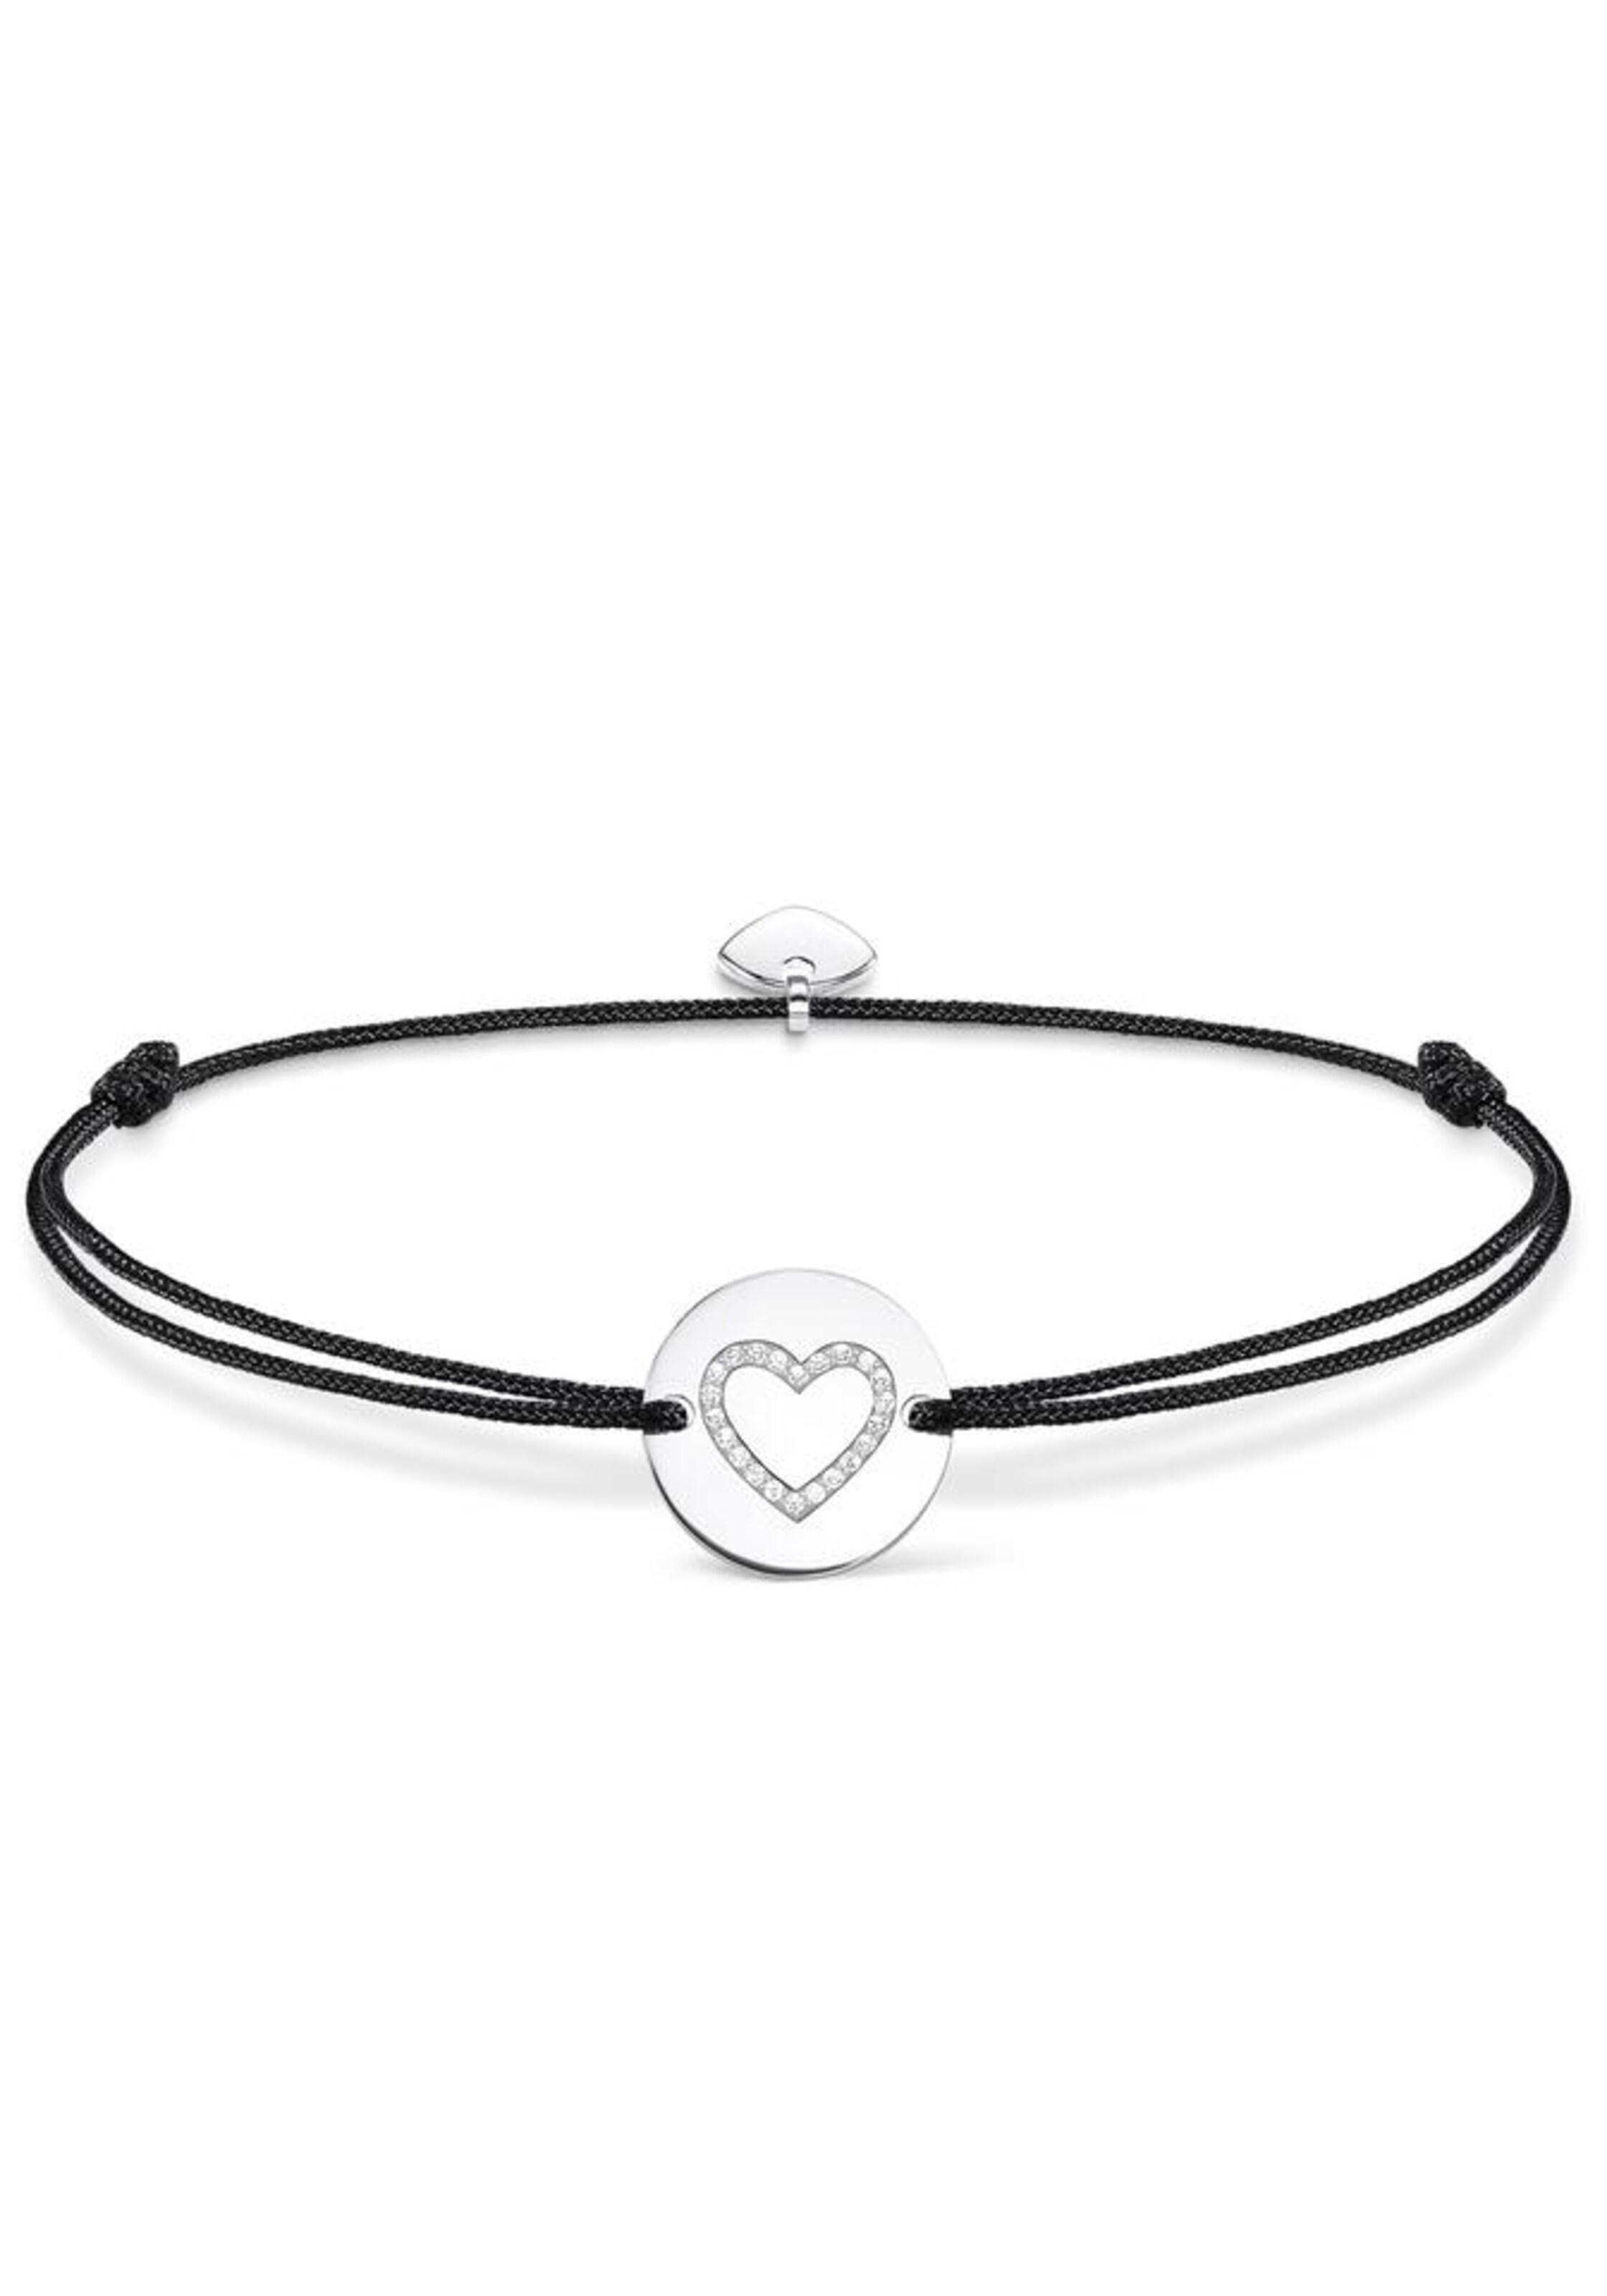 Thomas Sabo Armband 'Herz' Mit Paypal Günstig Online Wirklich Billig Online Günstig Kaufen Angebot jQxoT